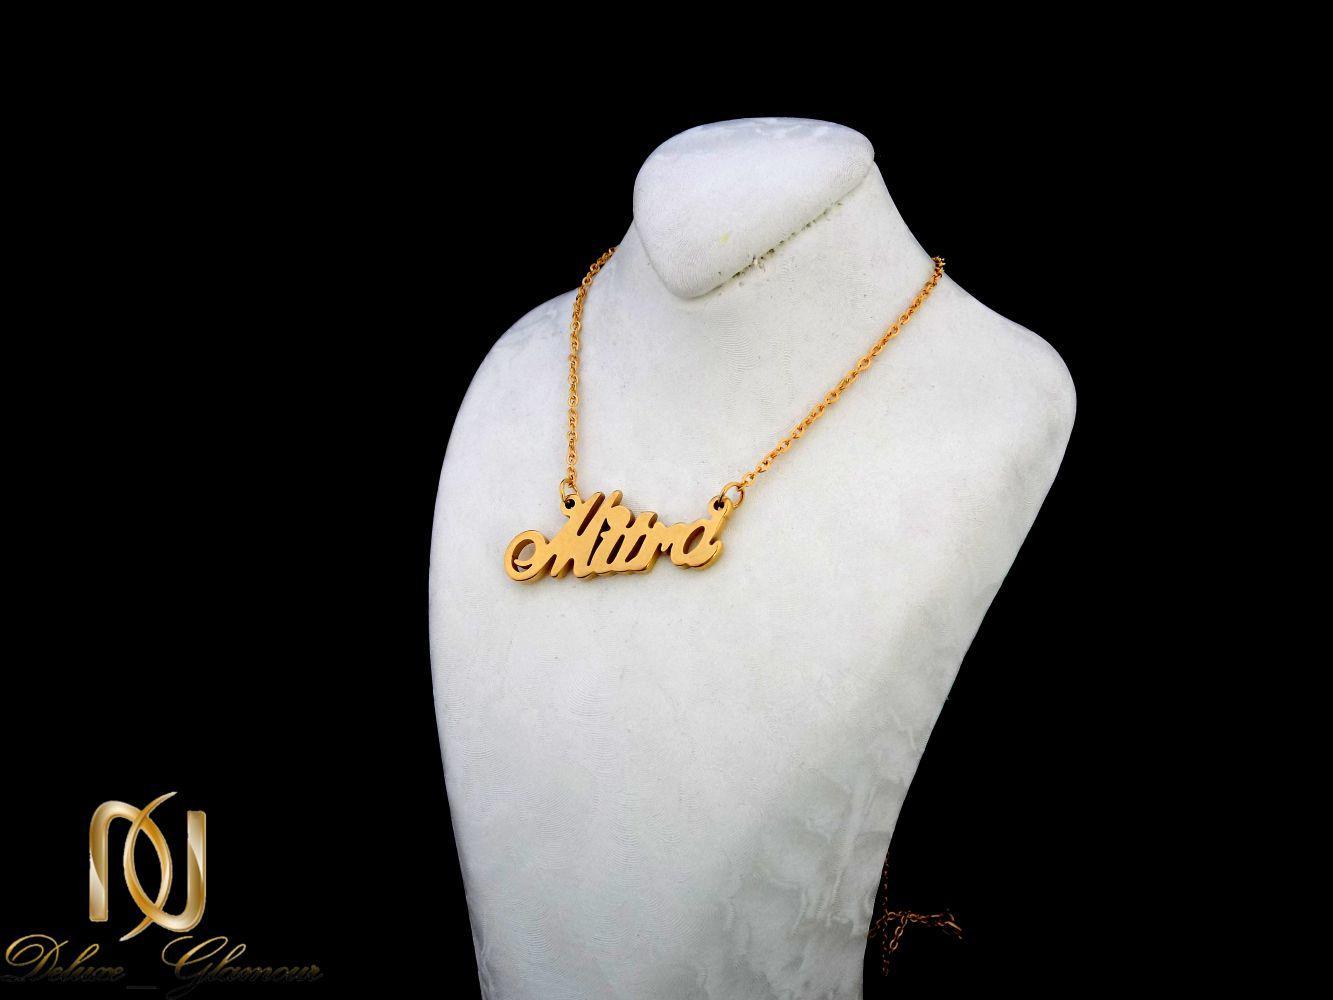 گردنبند اسم میترا لاتین استیل با روکش آب طلا nw-n255 از نمای روی استند